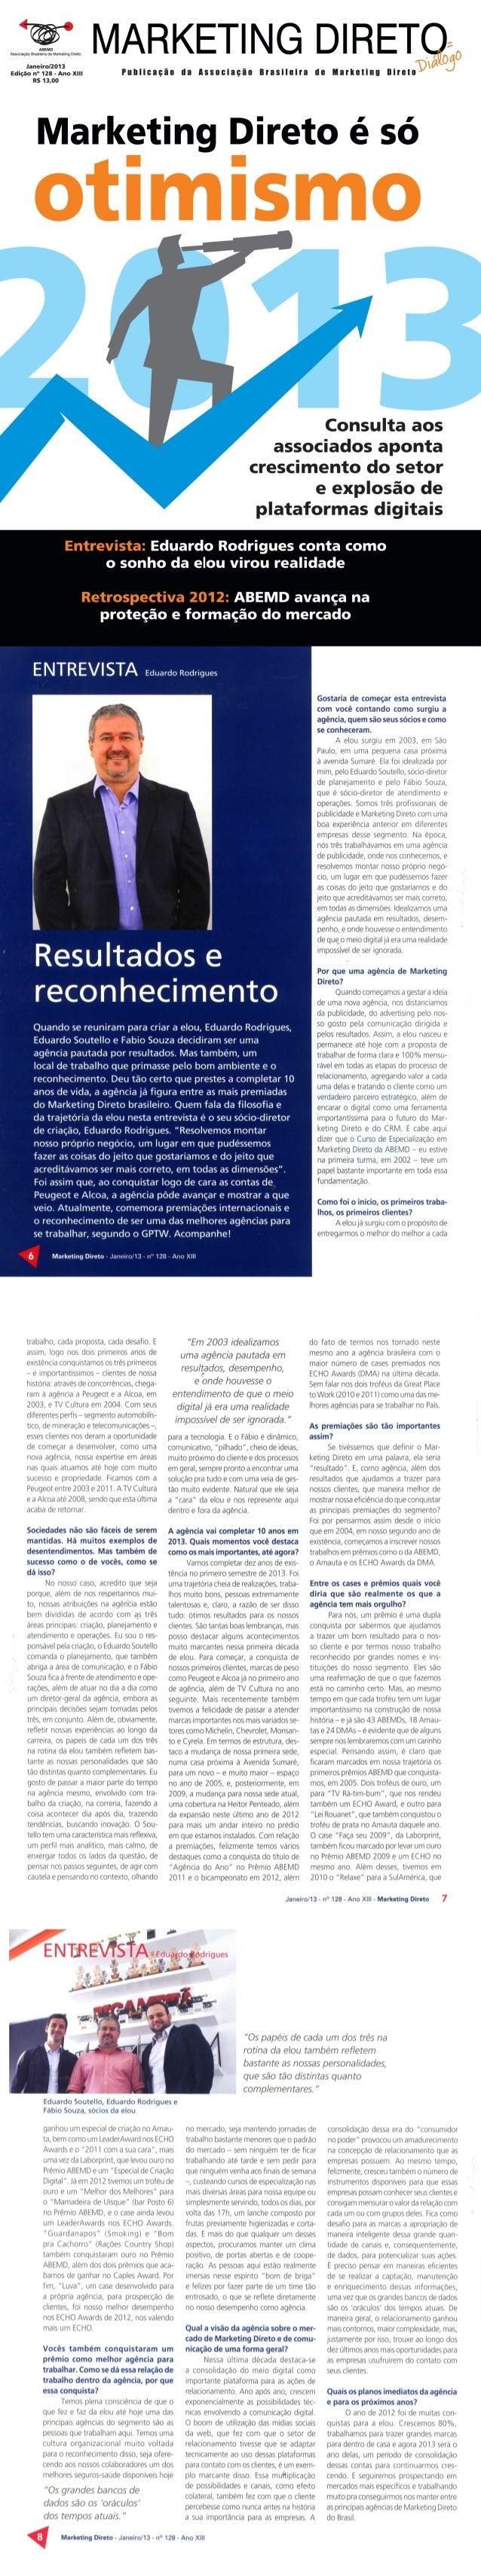 Entrevista Eduardo Rodrigues (e|ou) - Revista Marketing Direto (ABEMD) nº 128, janeiro de 2013